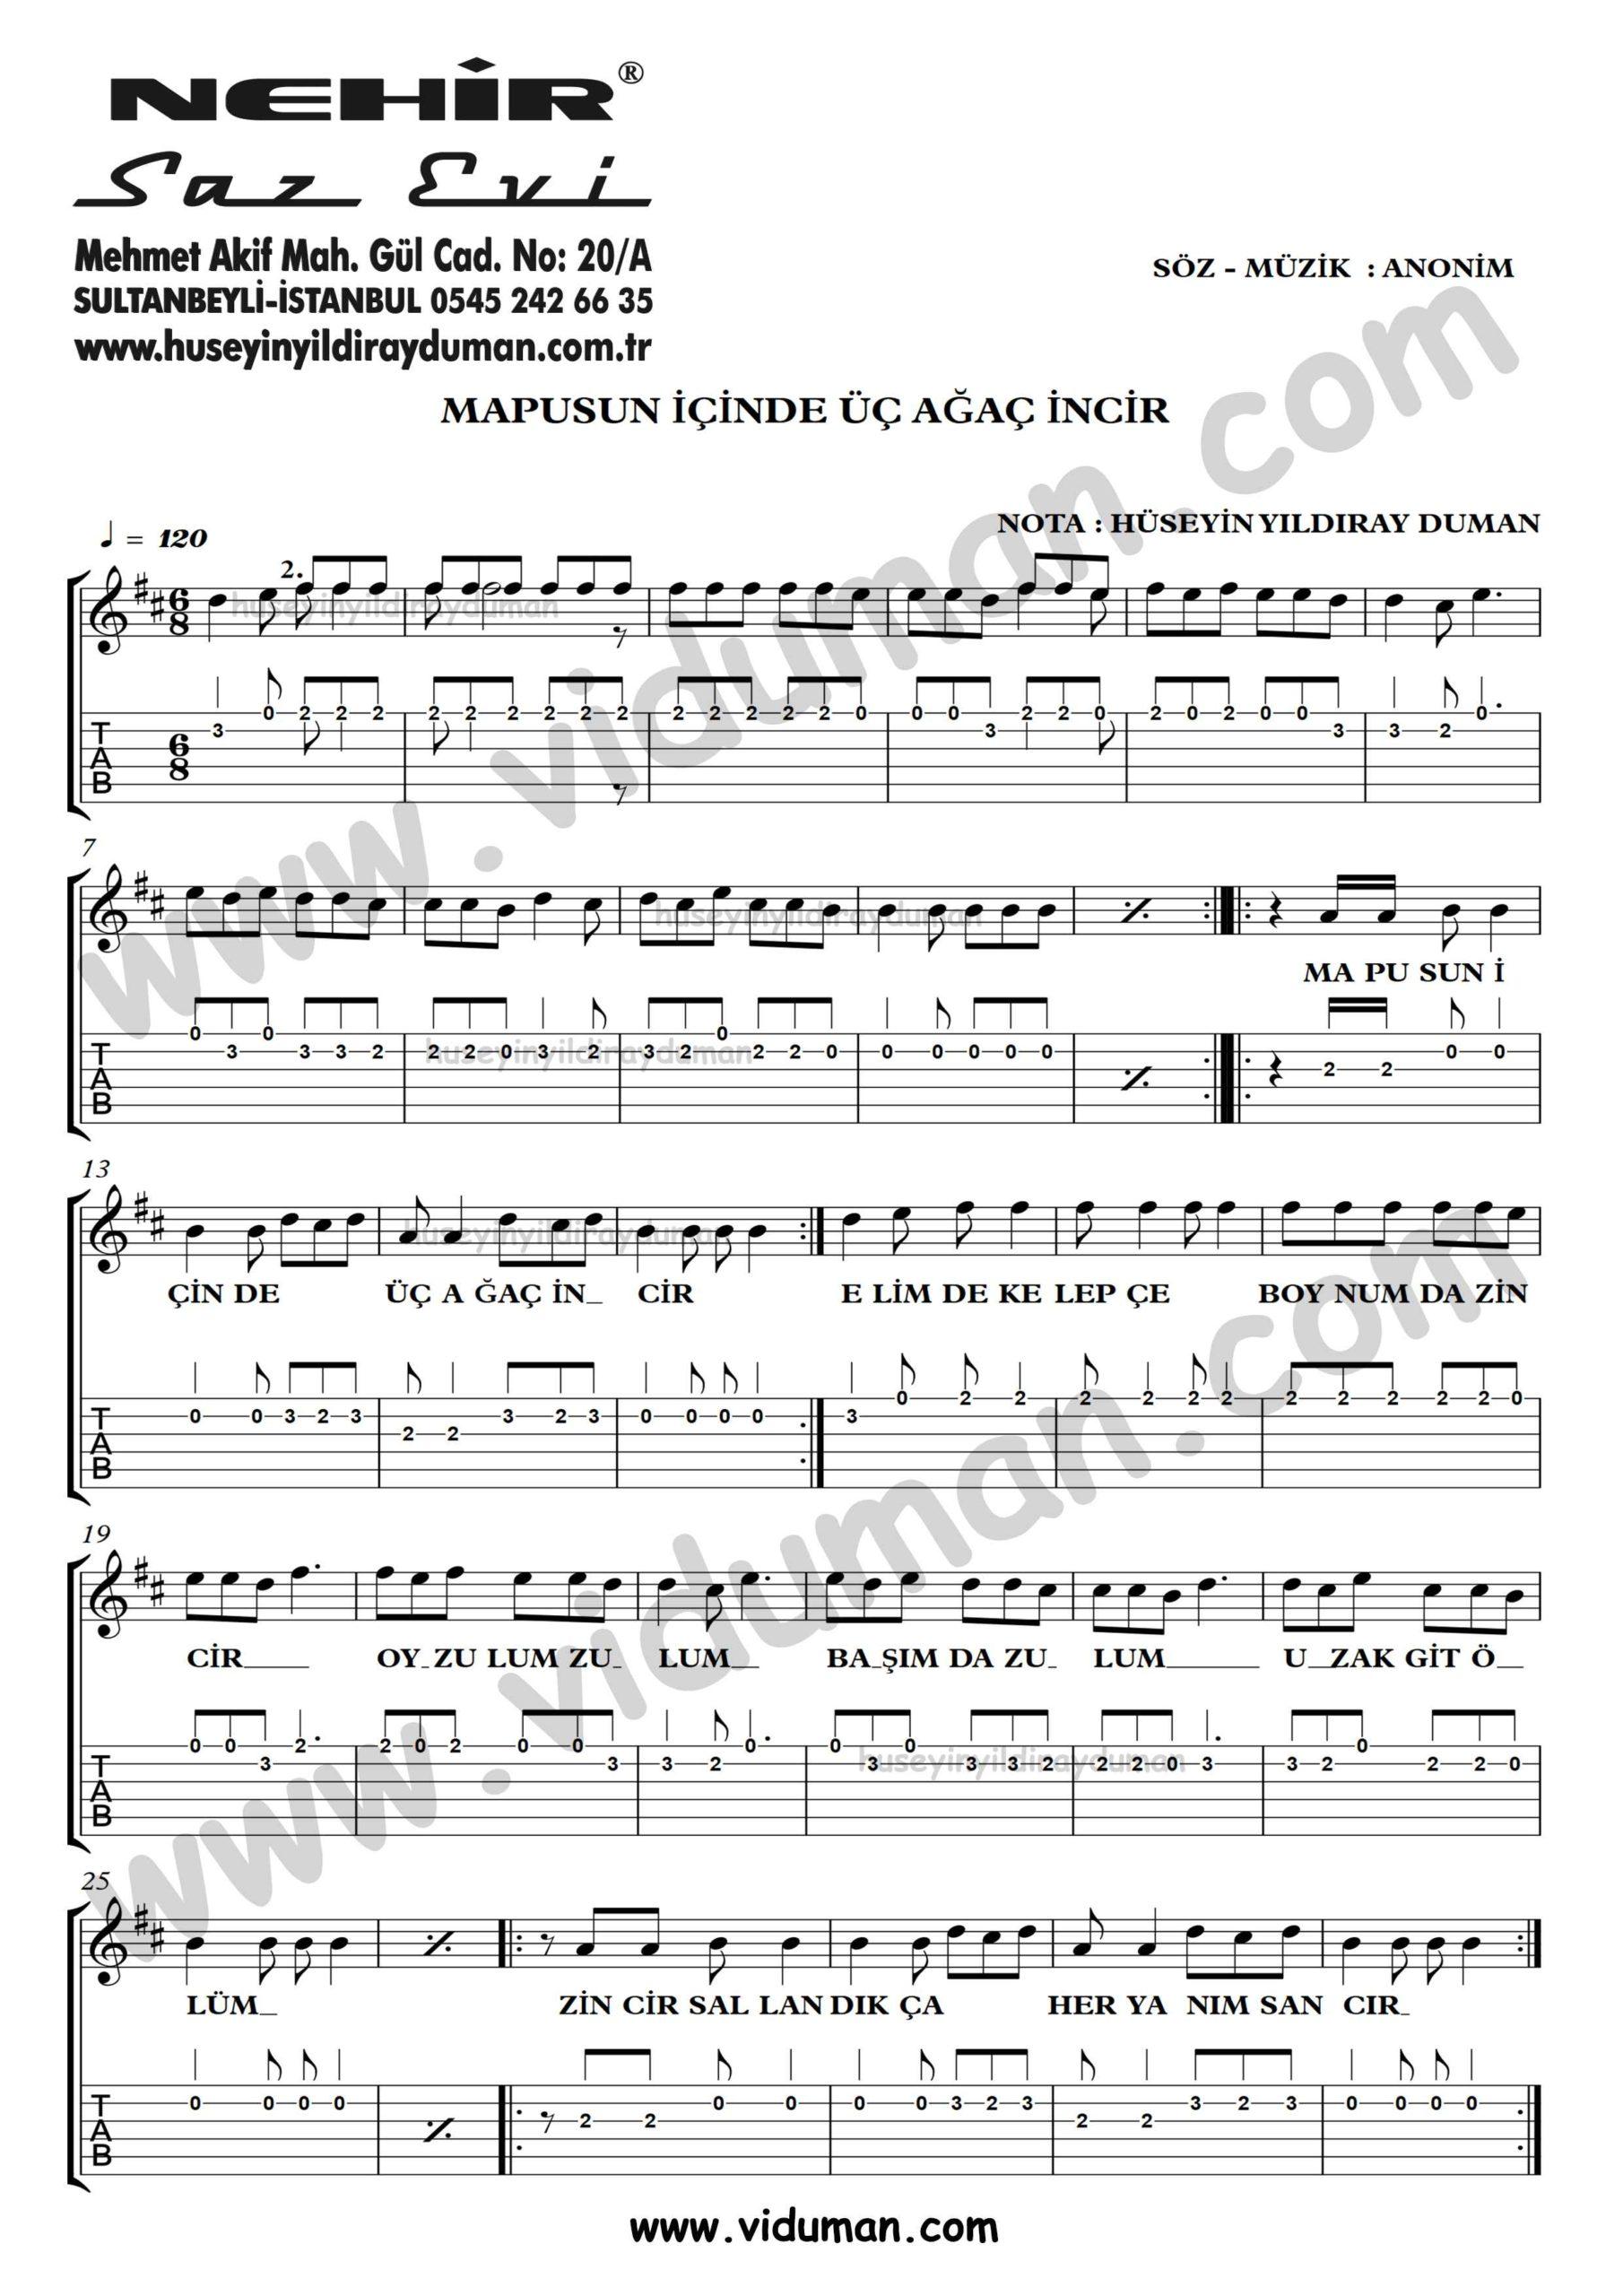 Mapusun Icinde Uc Agac Incir_1-Ahmet Kaya-Gitar Tab-Solo Notalari